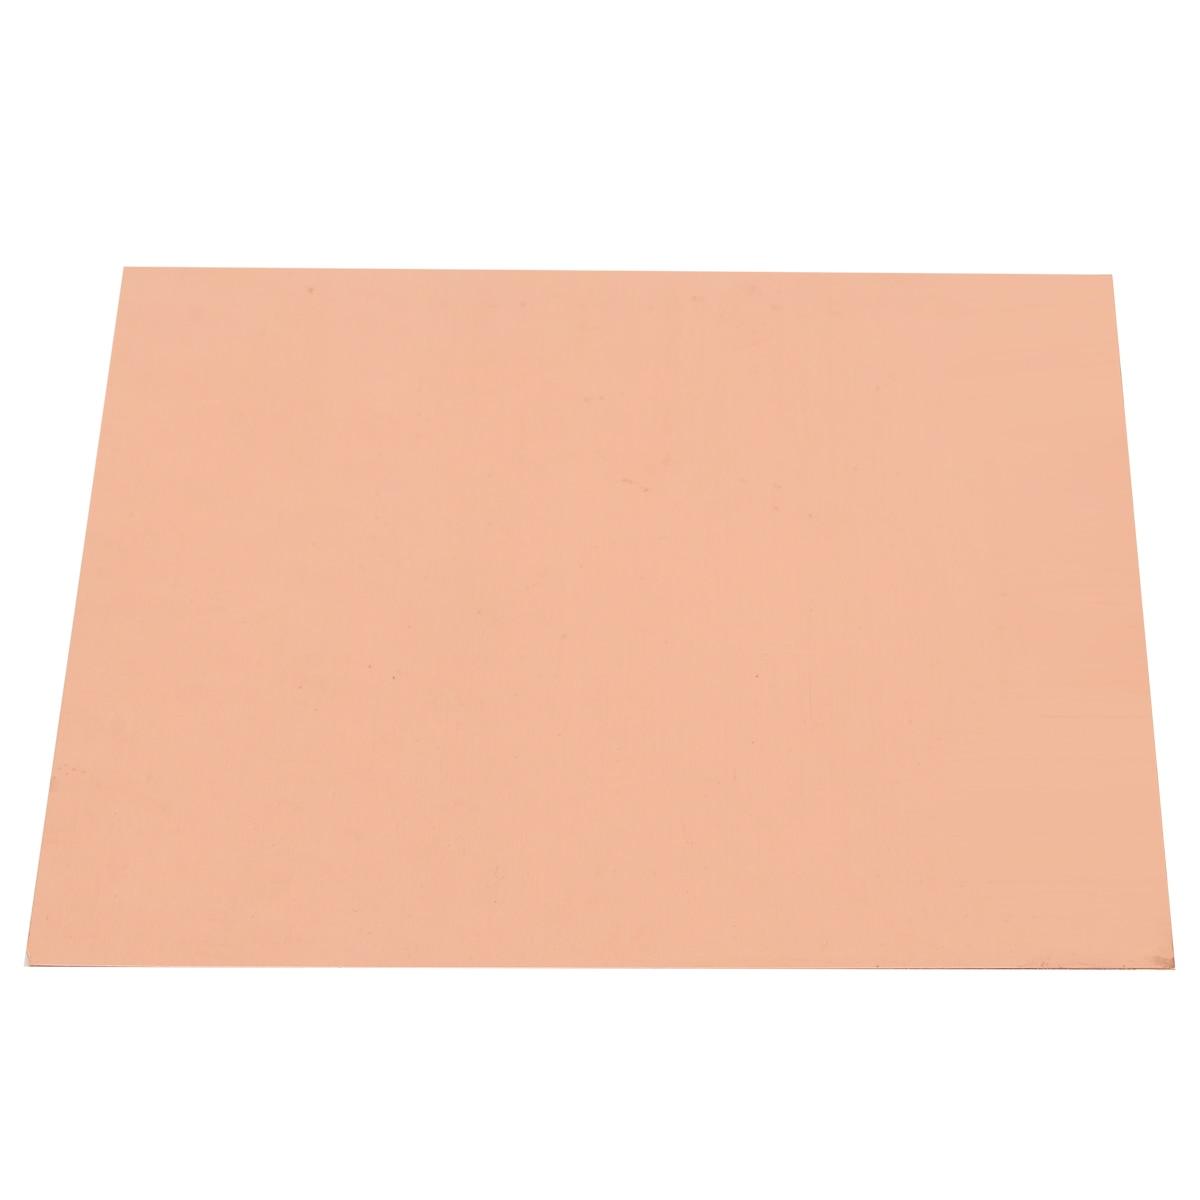 99 9 High Purity Copper Sheet Cu Metal Flat Foil 0 2mm